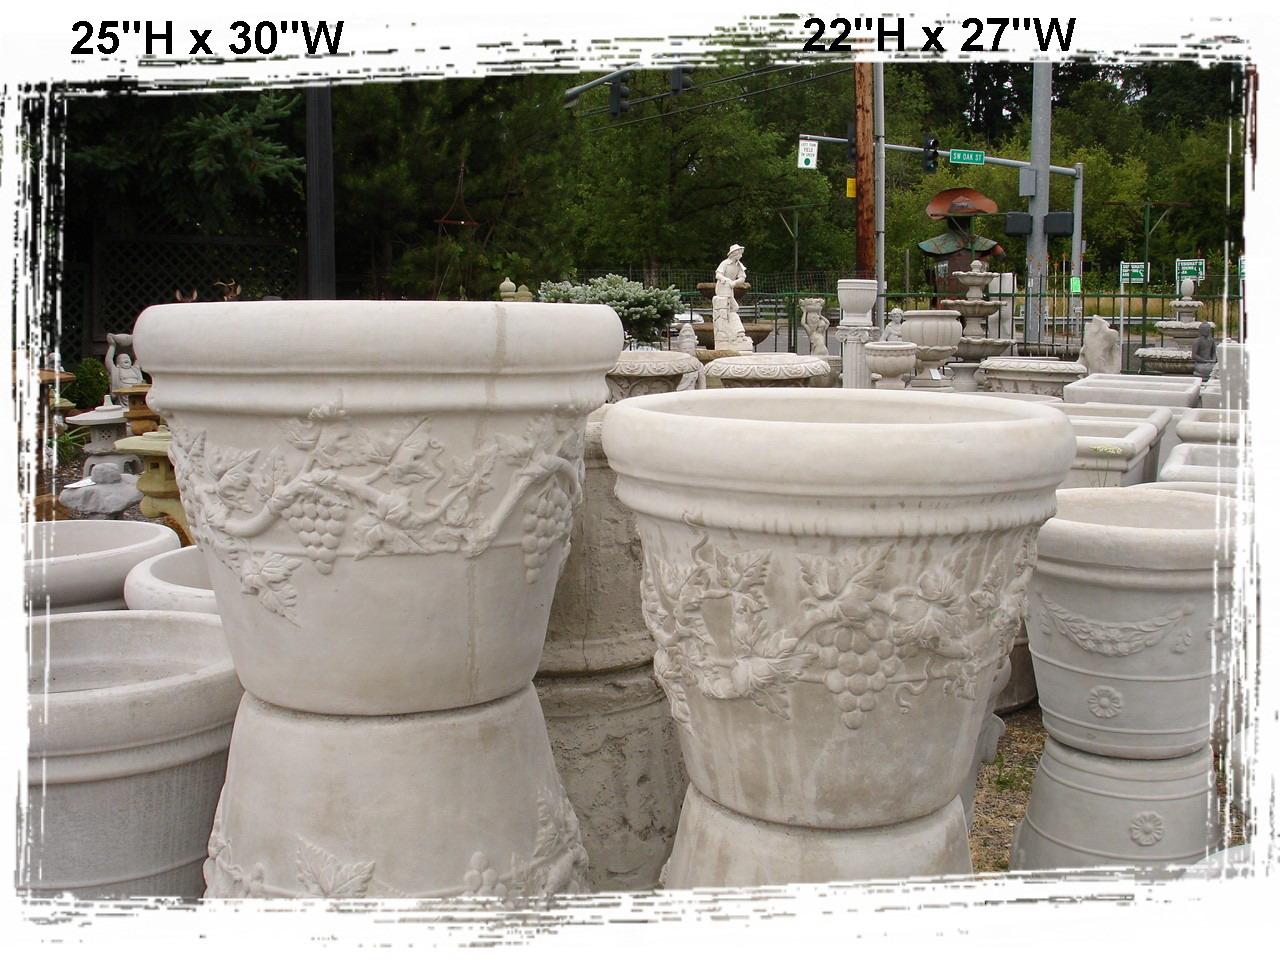 Concrete Planters / Little Baja Garden Deck and Patio Decor